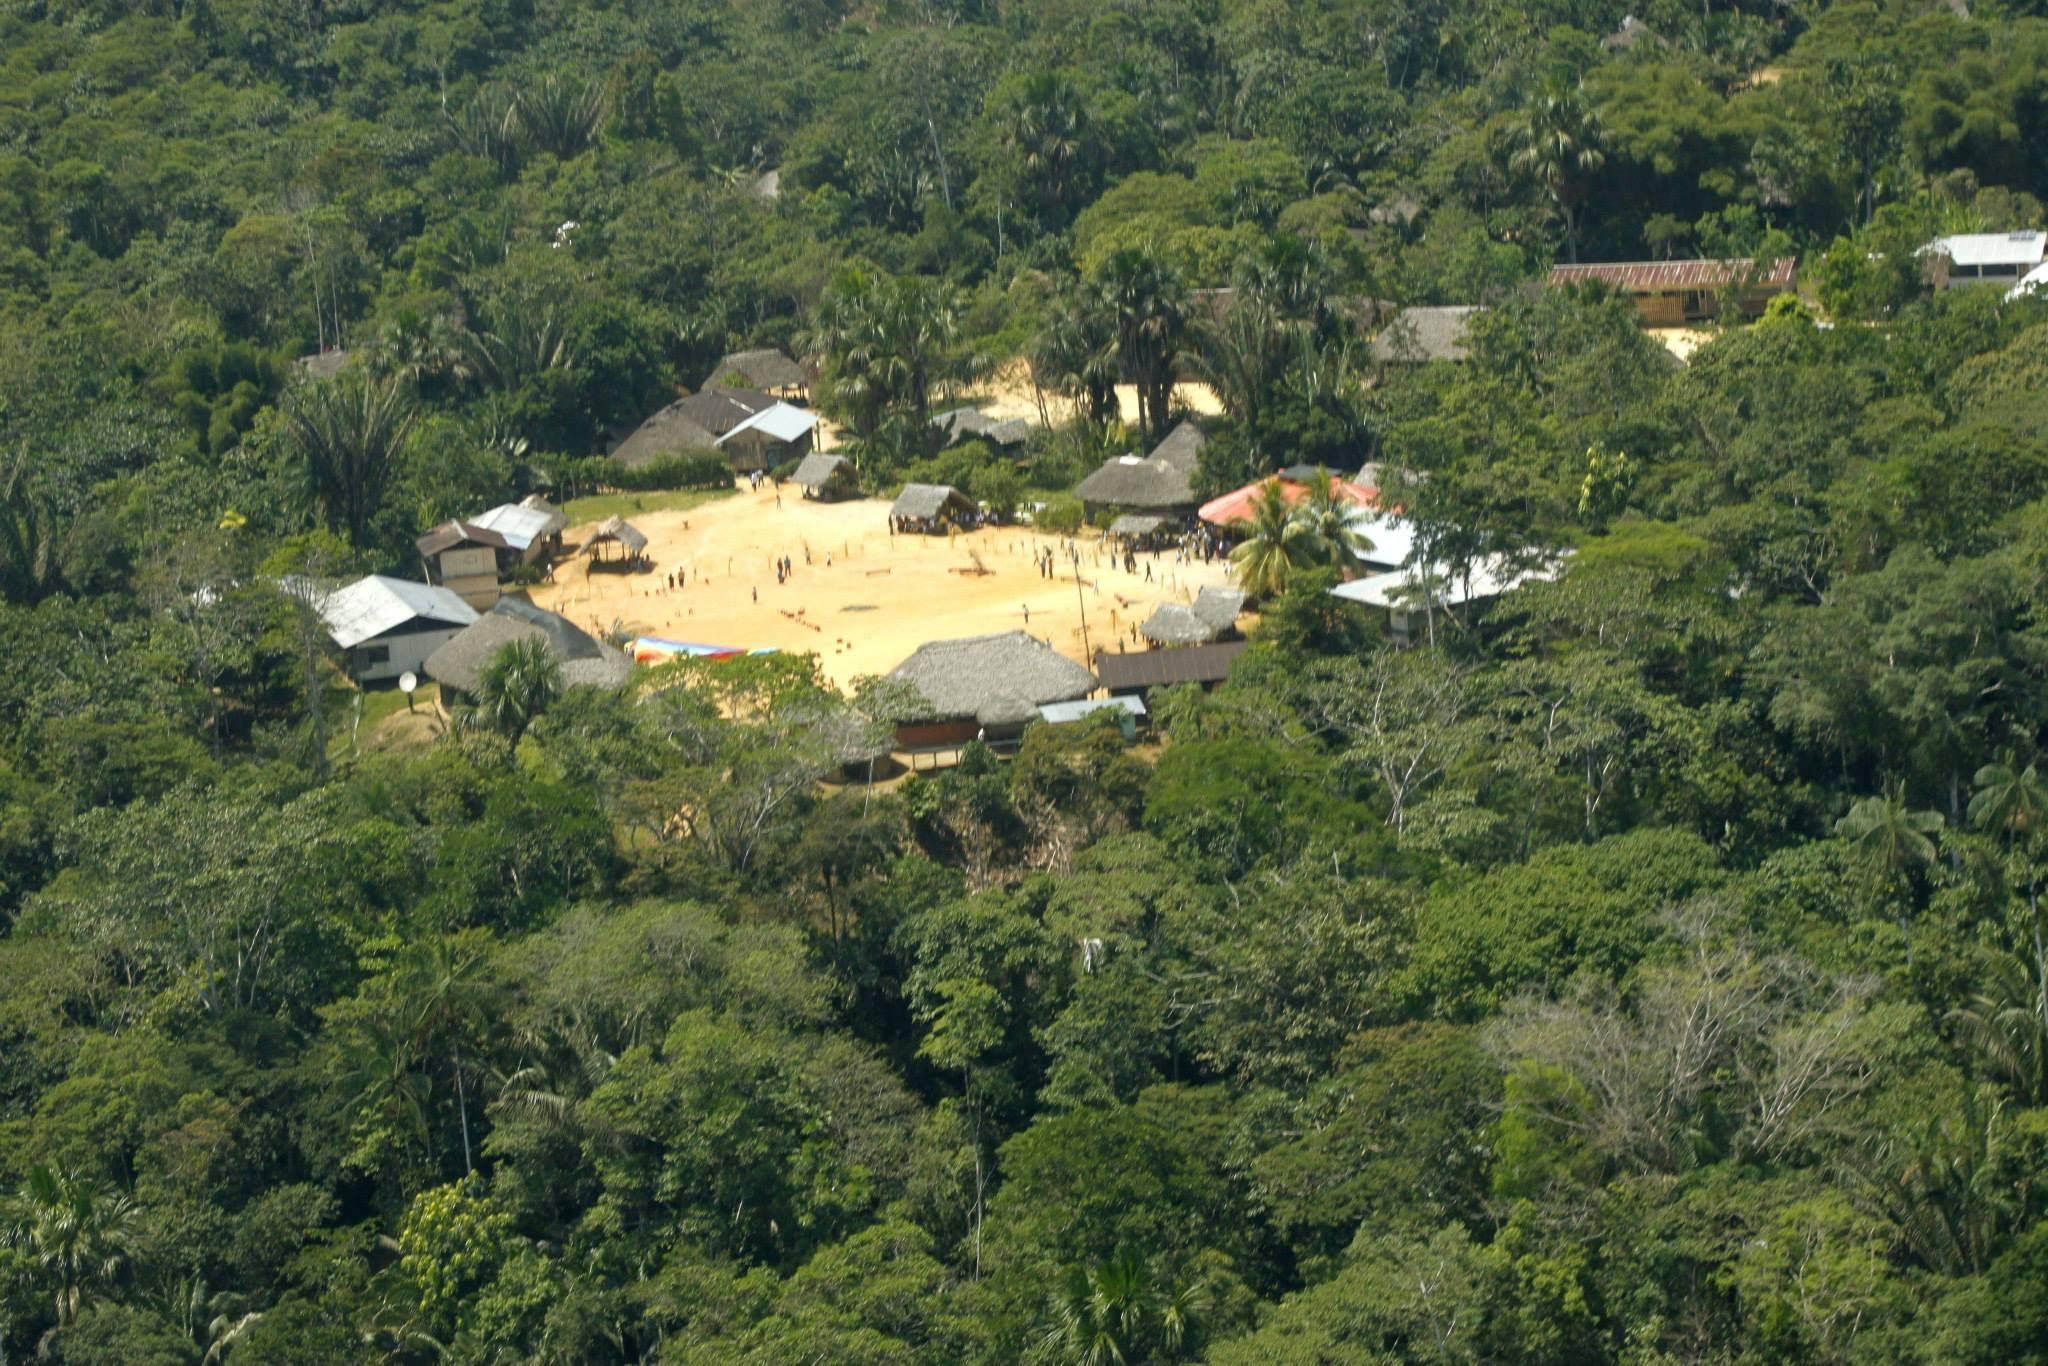 El pueblo Sarayaku sigue esperando que el Gobierno ecuatoriano cumpla con la sentencia de la CIDH. Foto: Carlos Mazabanda.